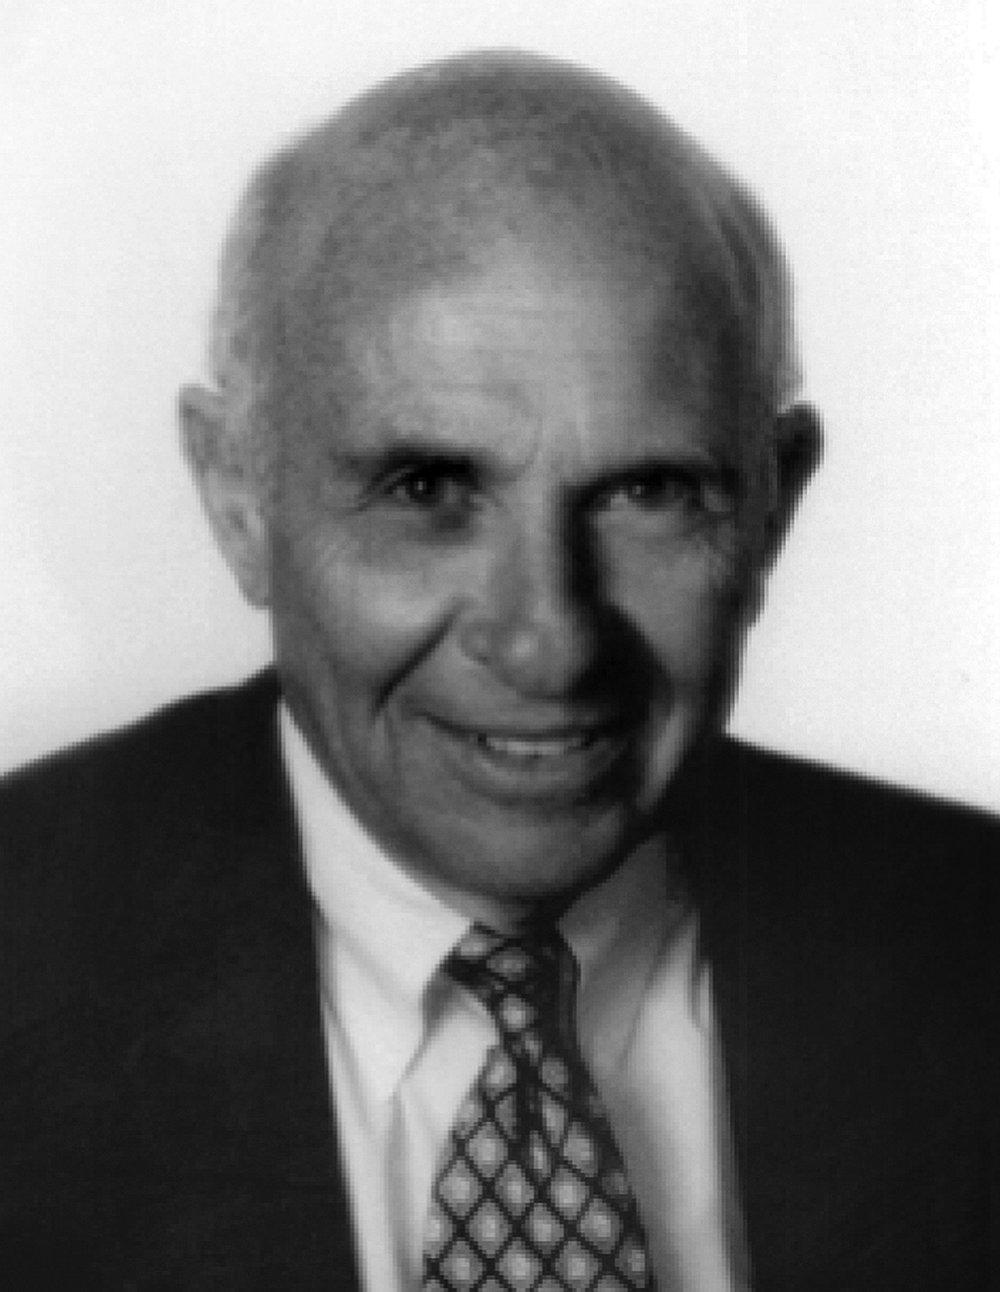 Morton Seaman